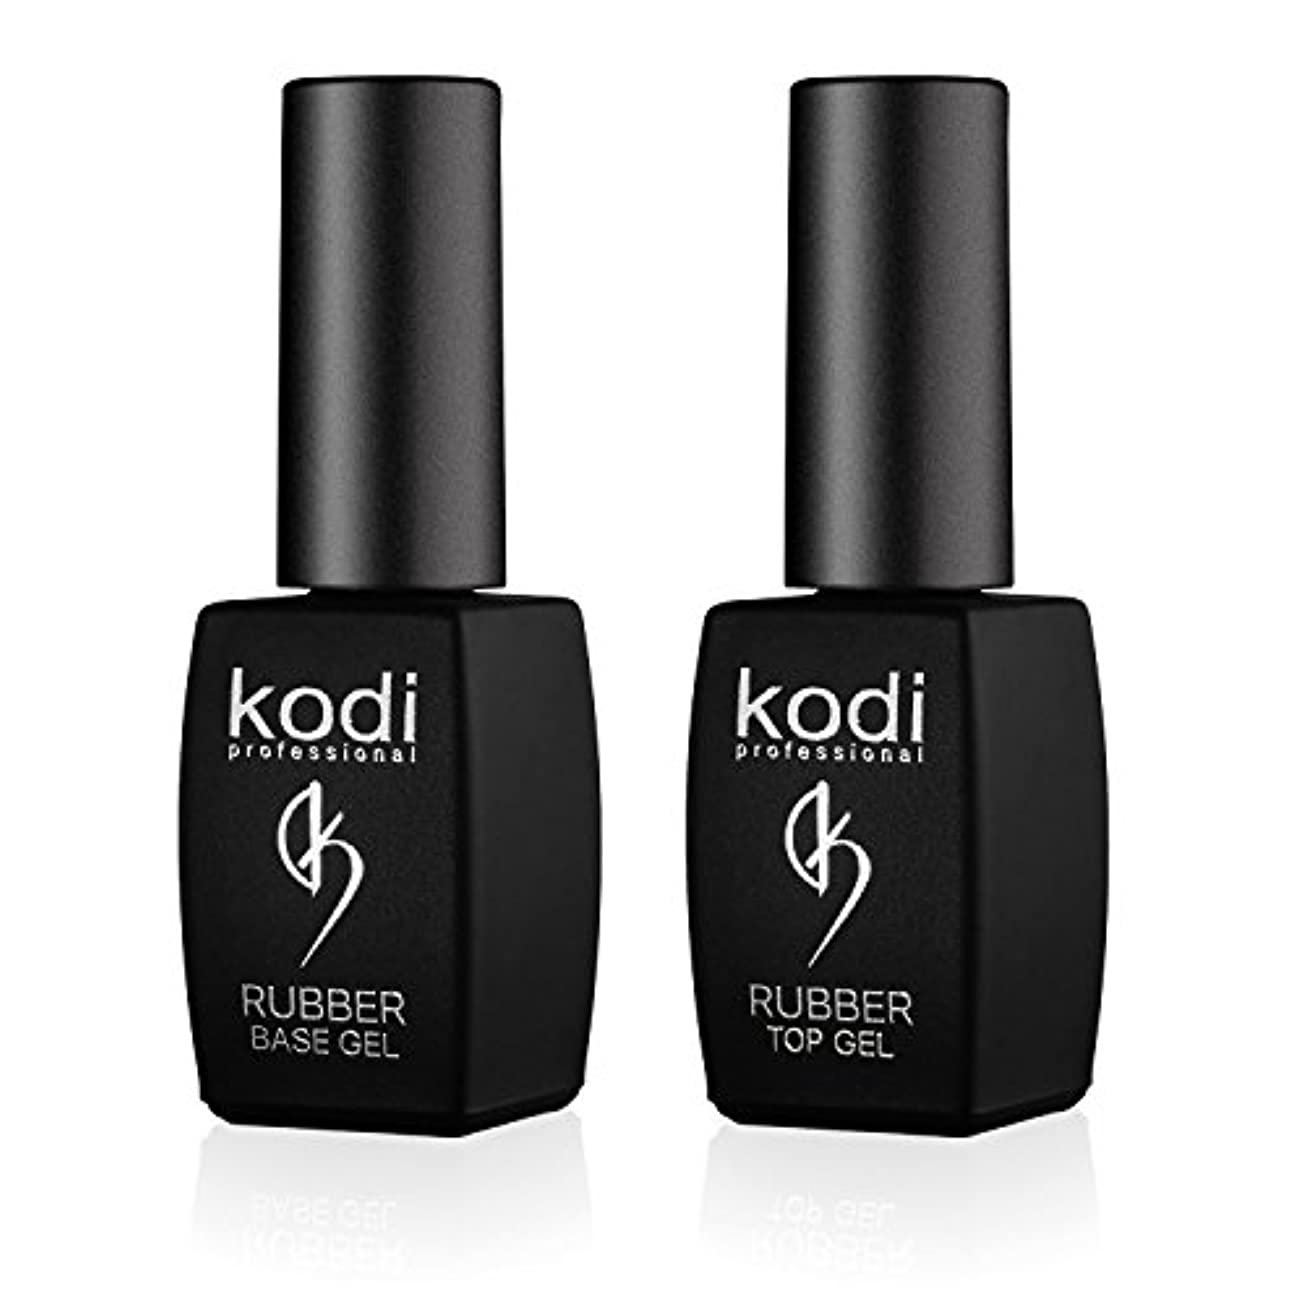 談話一月蚊Kodi プロフェッショナルラバートップ&ベースジェルセット| 8ml 0.27オンス|爪のソークオフとポリッシュ コートキット|長持ちするネイルレイヤー|使いやすい、無毒&無香料| LEDまたはUVランプの下で硬化